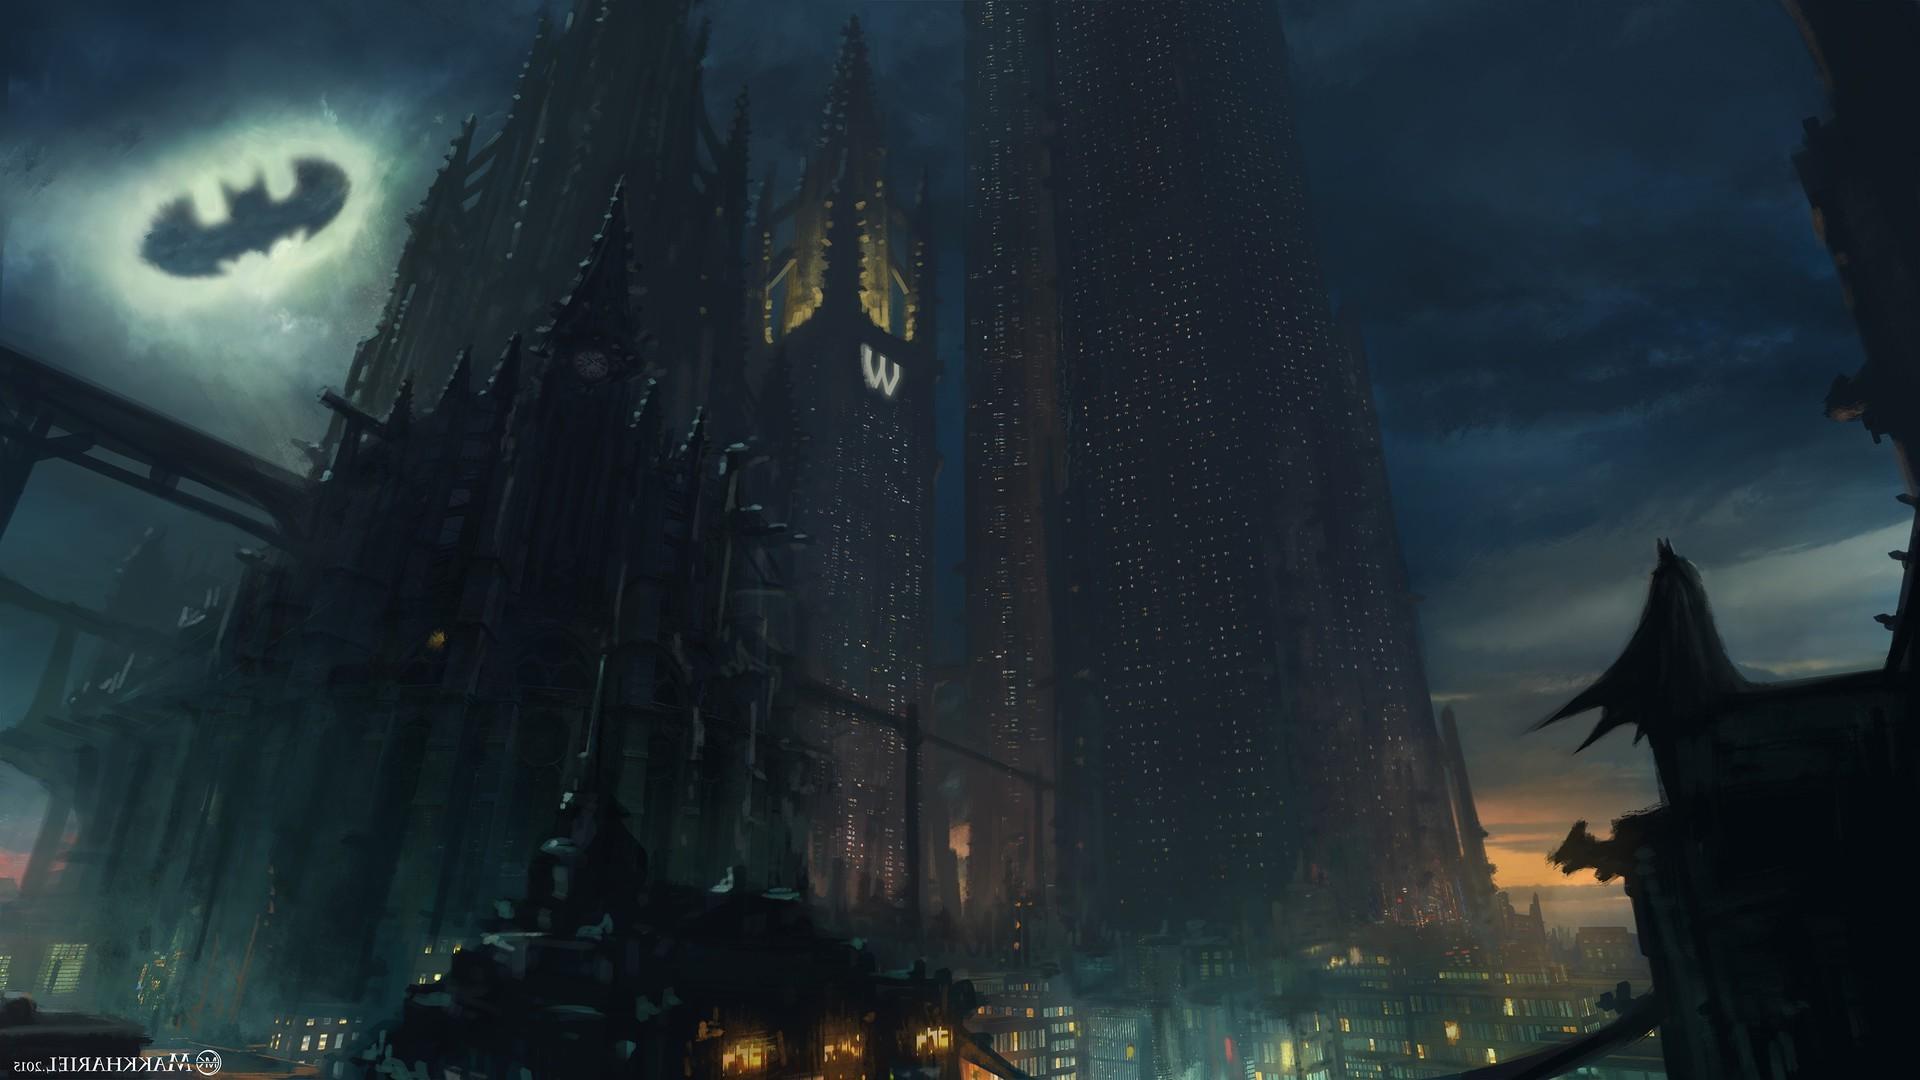 Gotham City Background (62+ images)